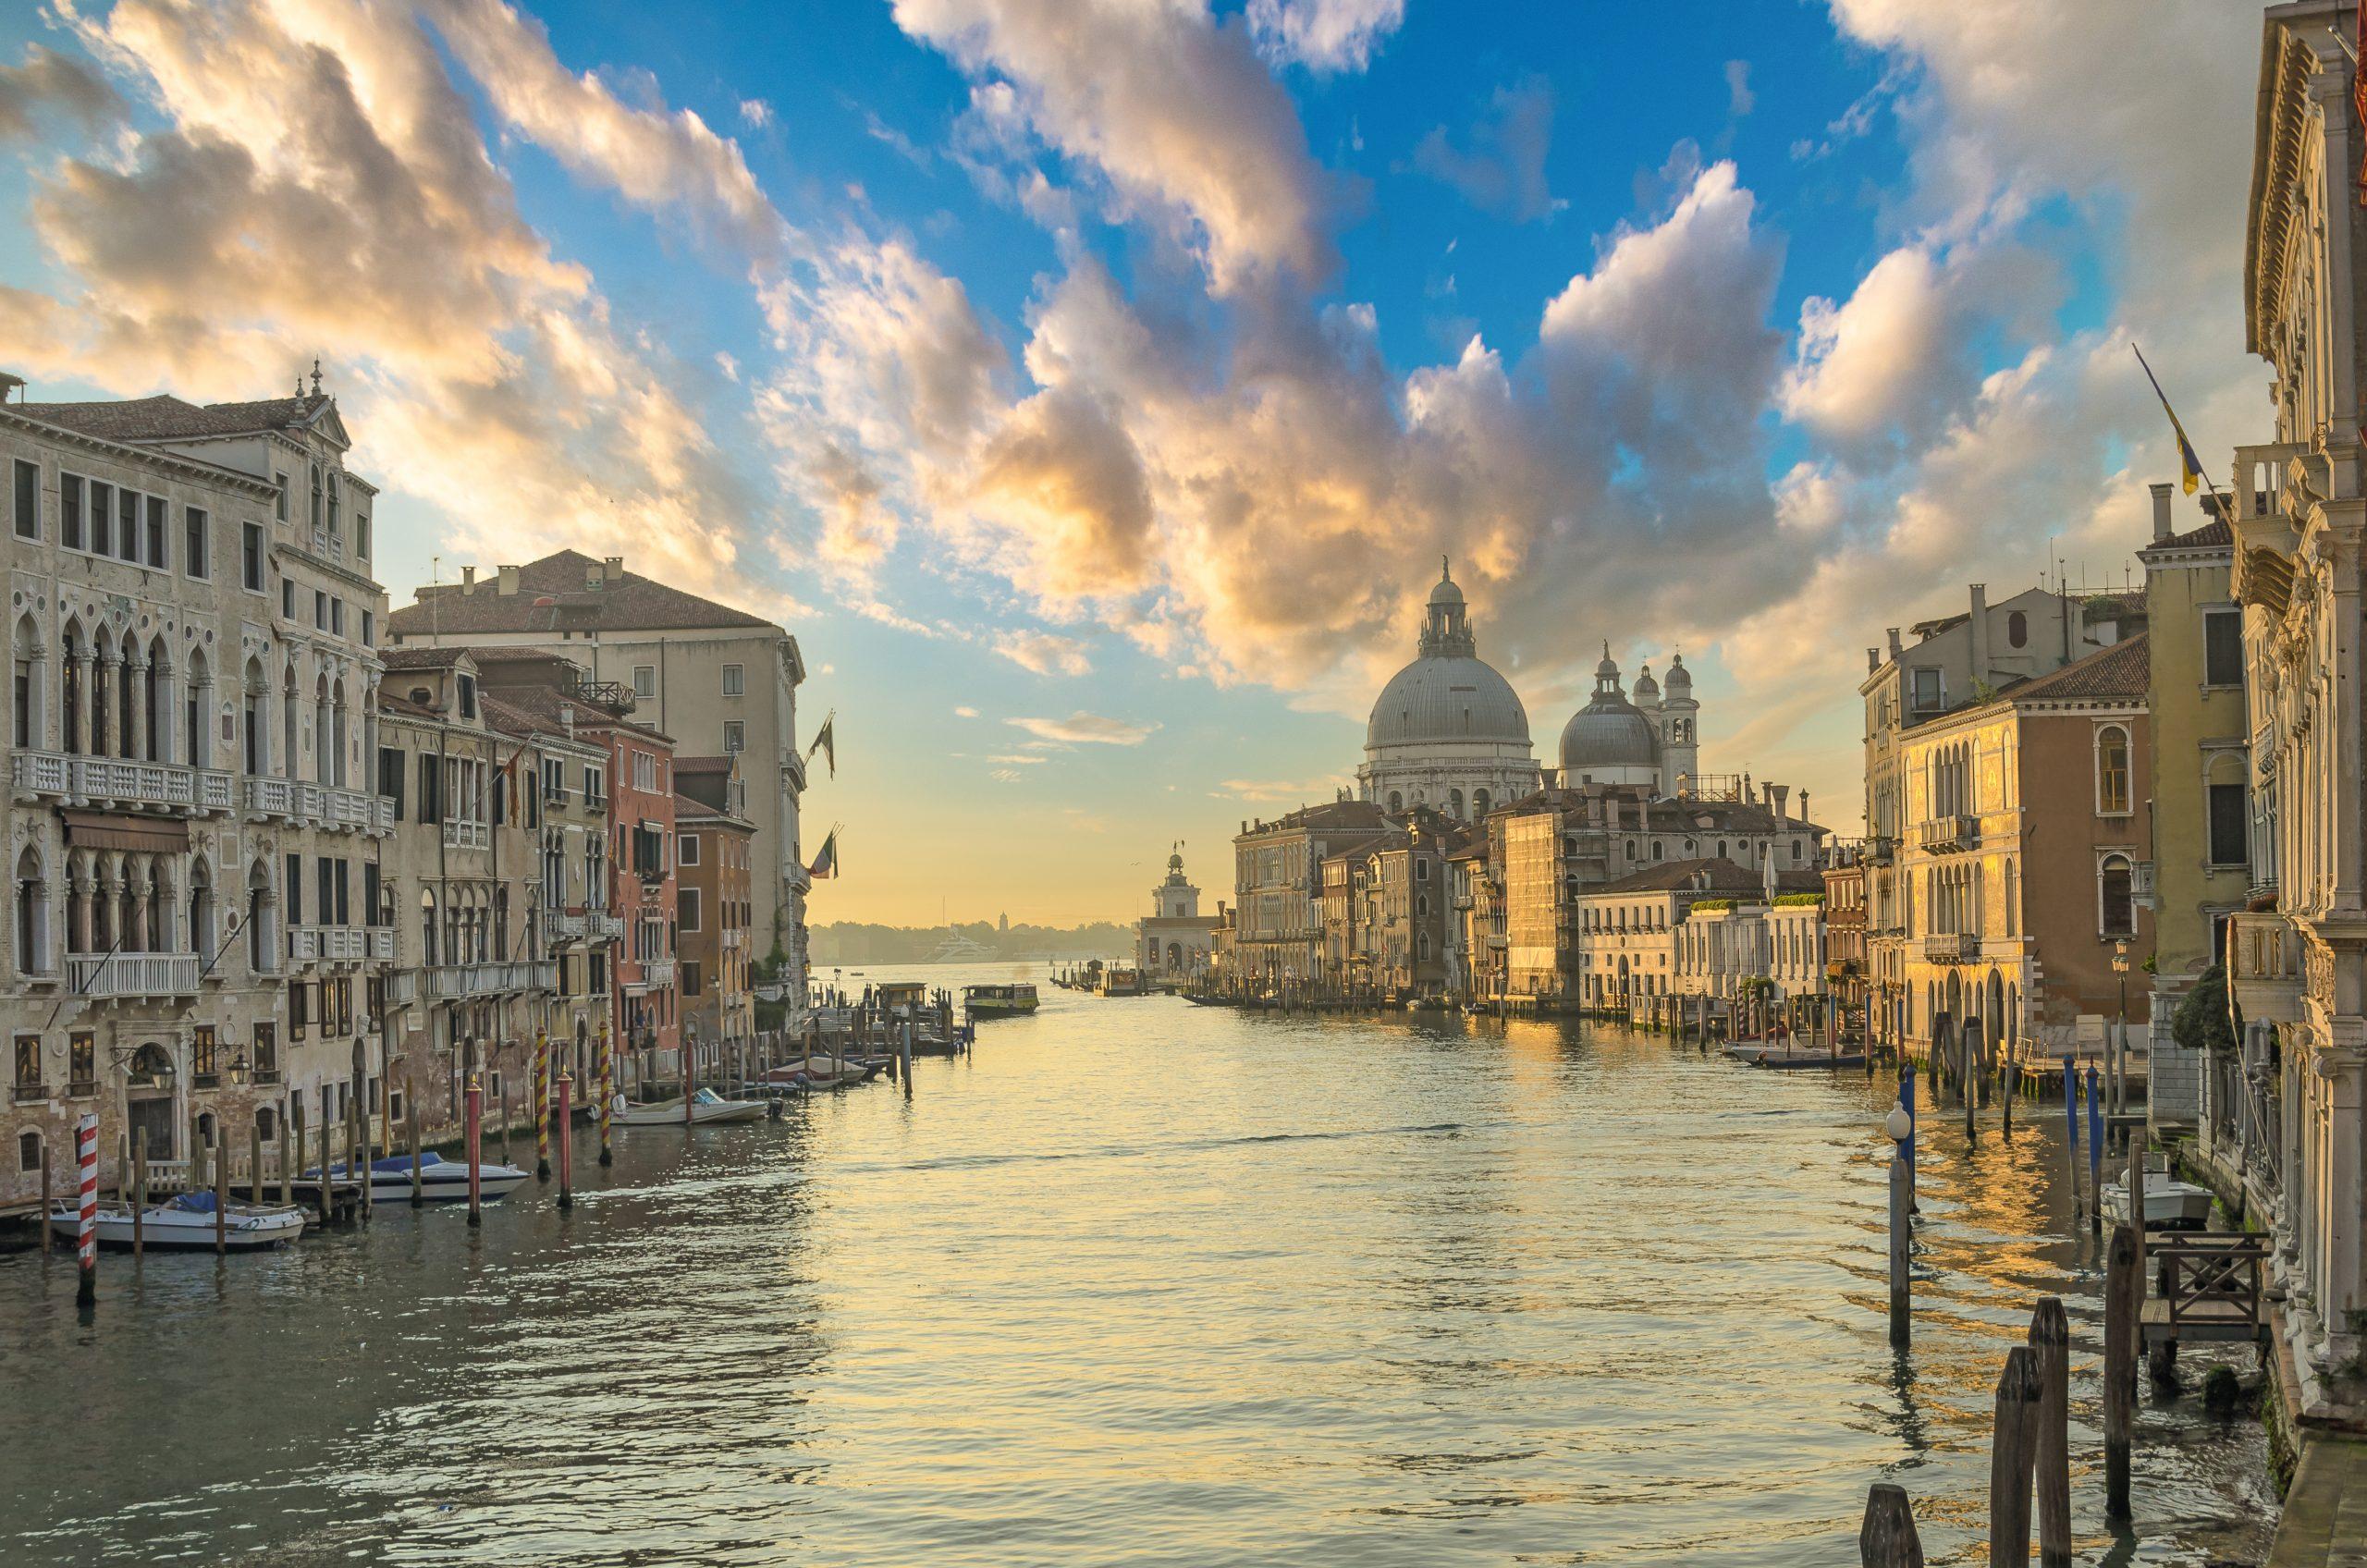 Luksusowe hotele w Wenecji, fot. shutterstock.com